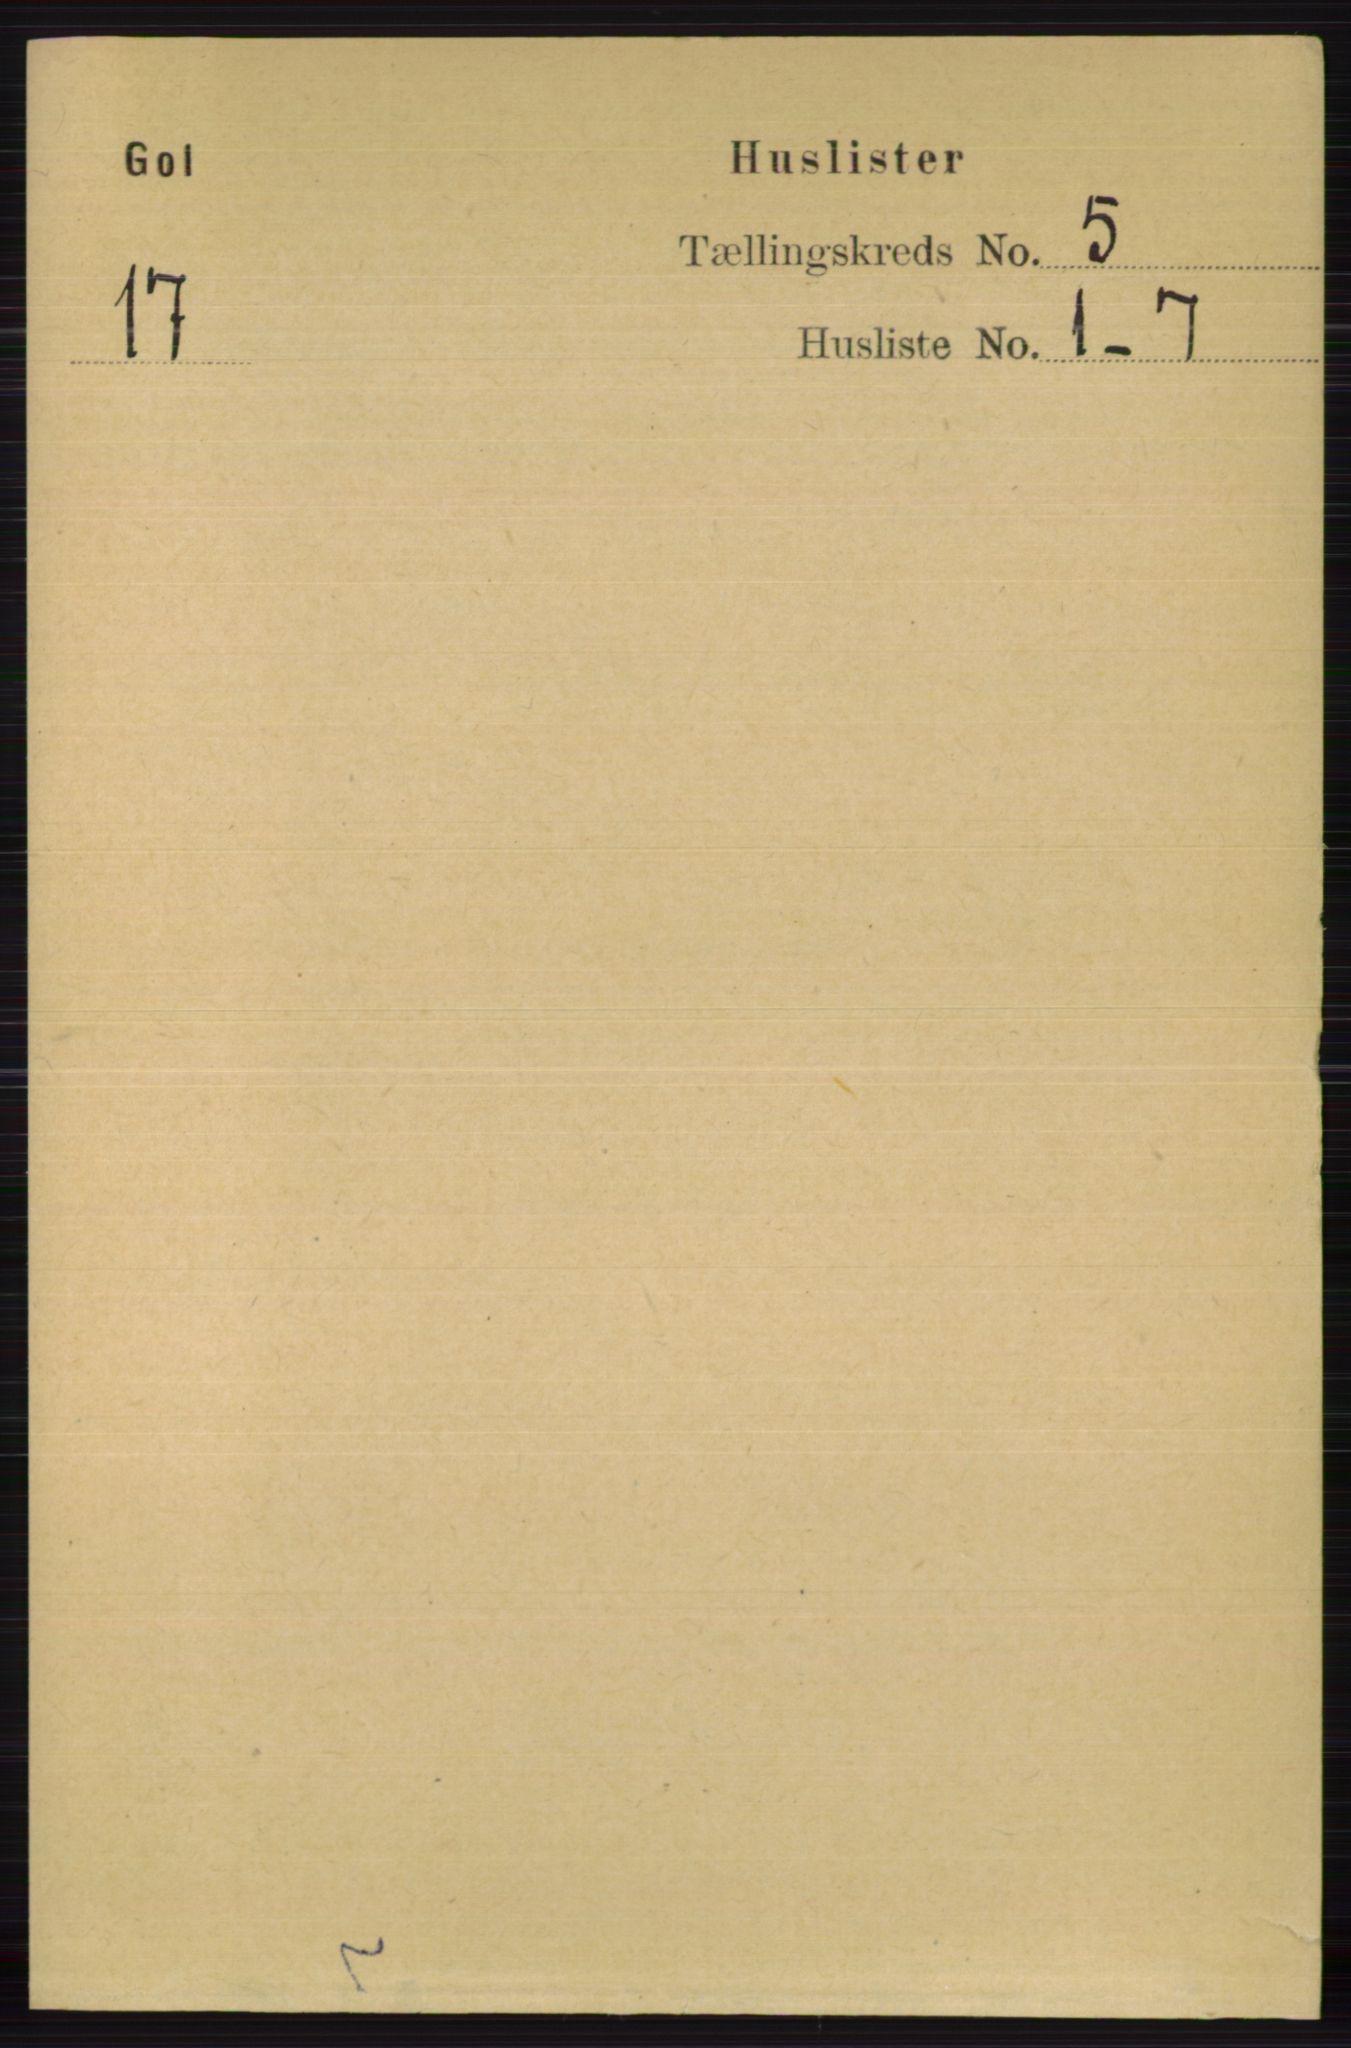 RA, Folketelling 1891 for 0617 Gol og Hemsedal herred, 1891, s. 2295